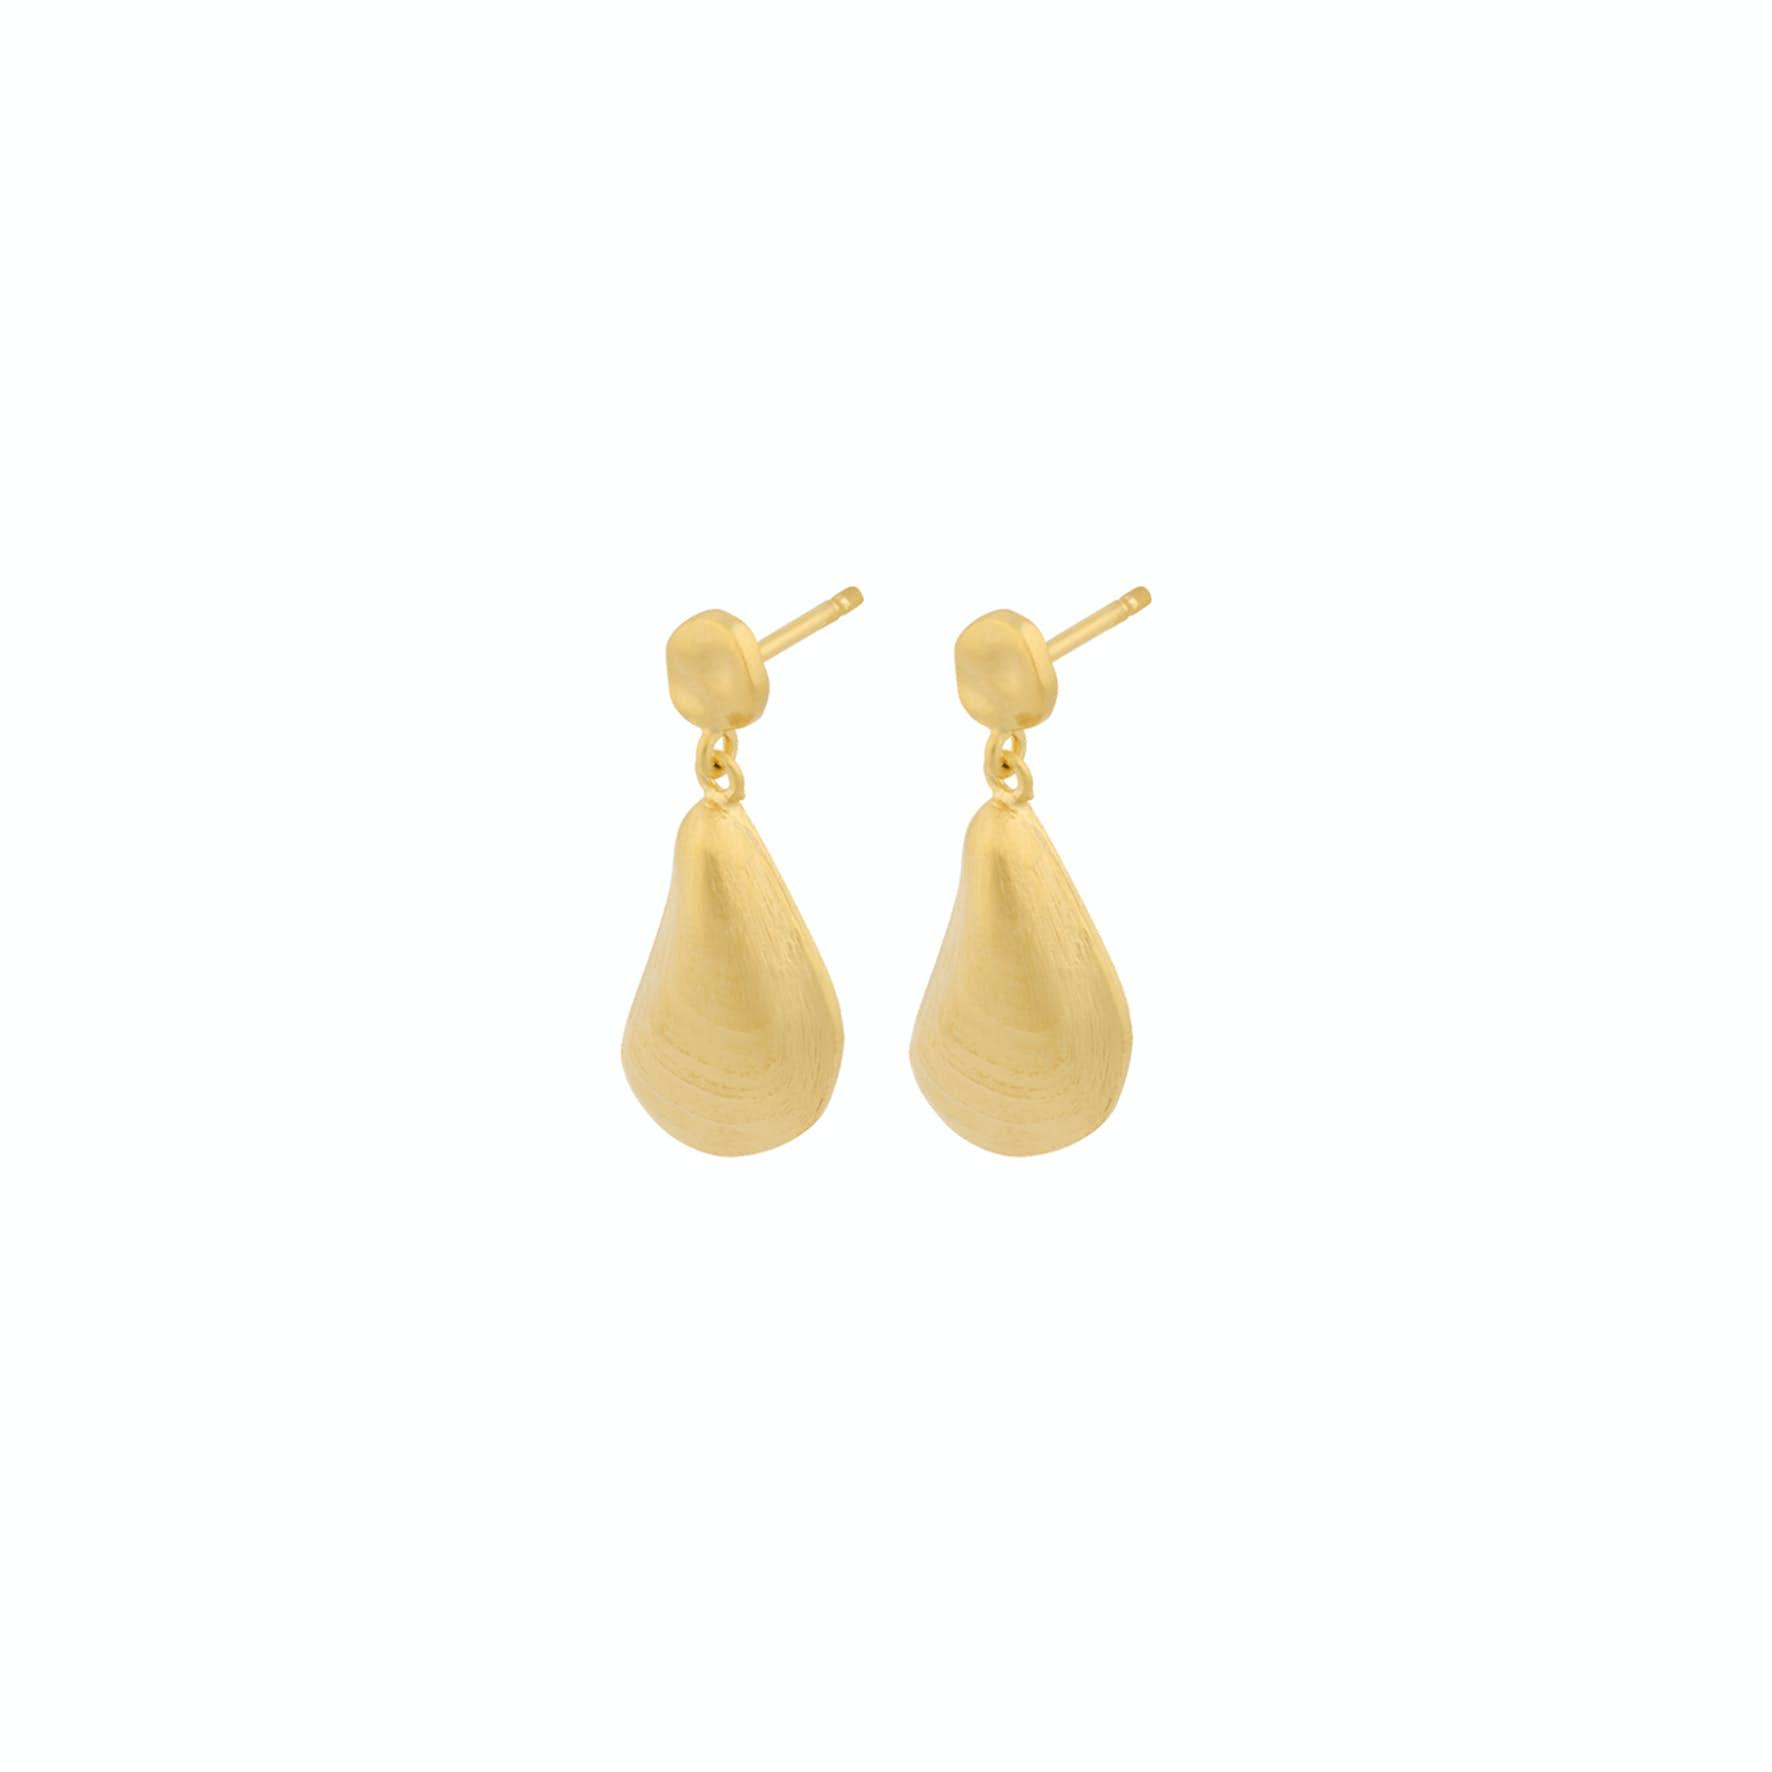 Seashell Earrings von Pernille Corydon in Vergoldet-Silber Sterling 925